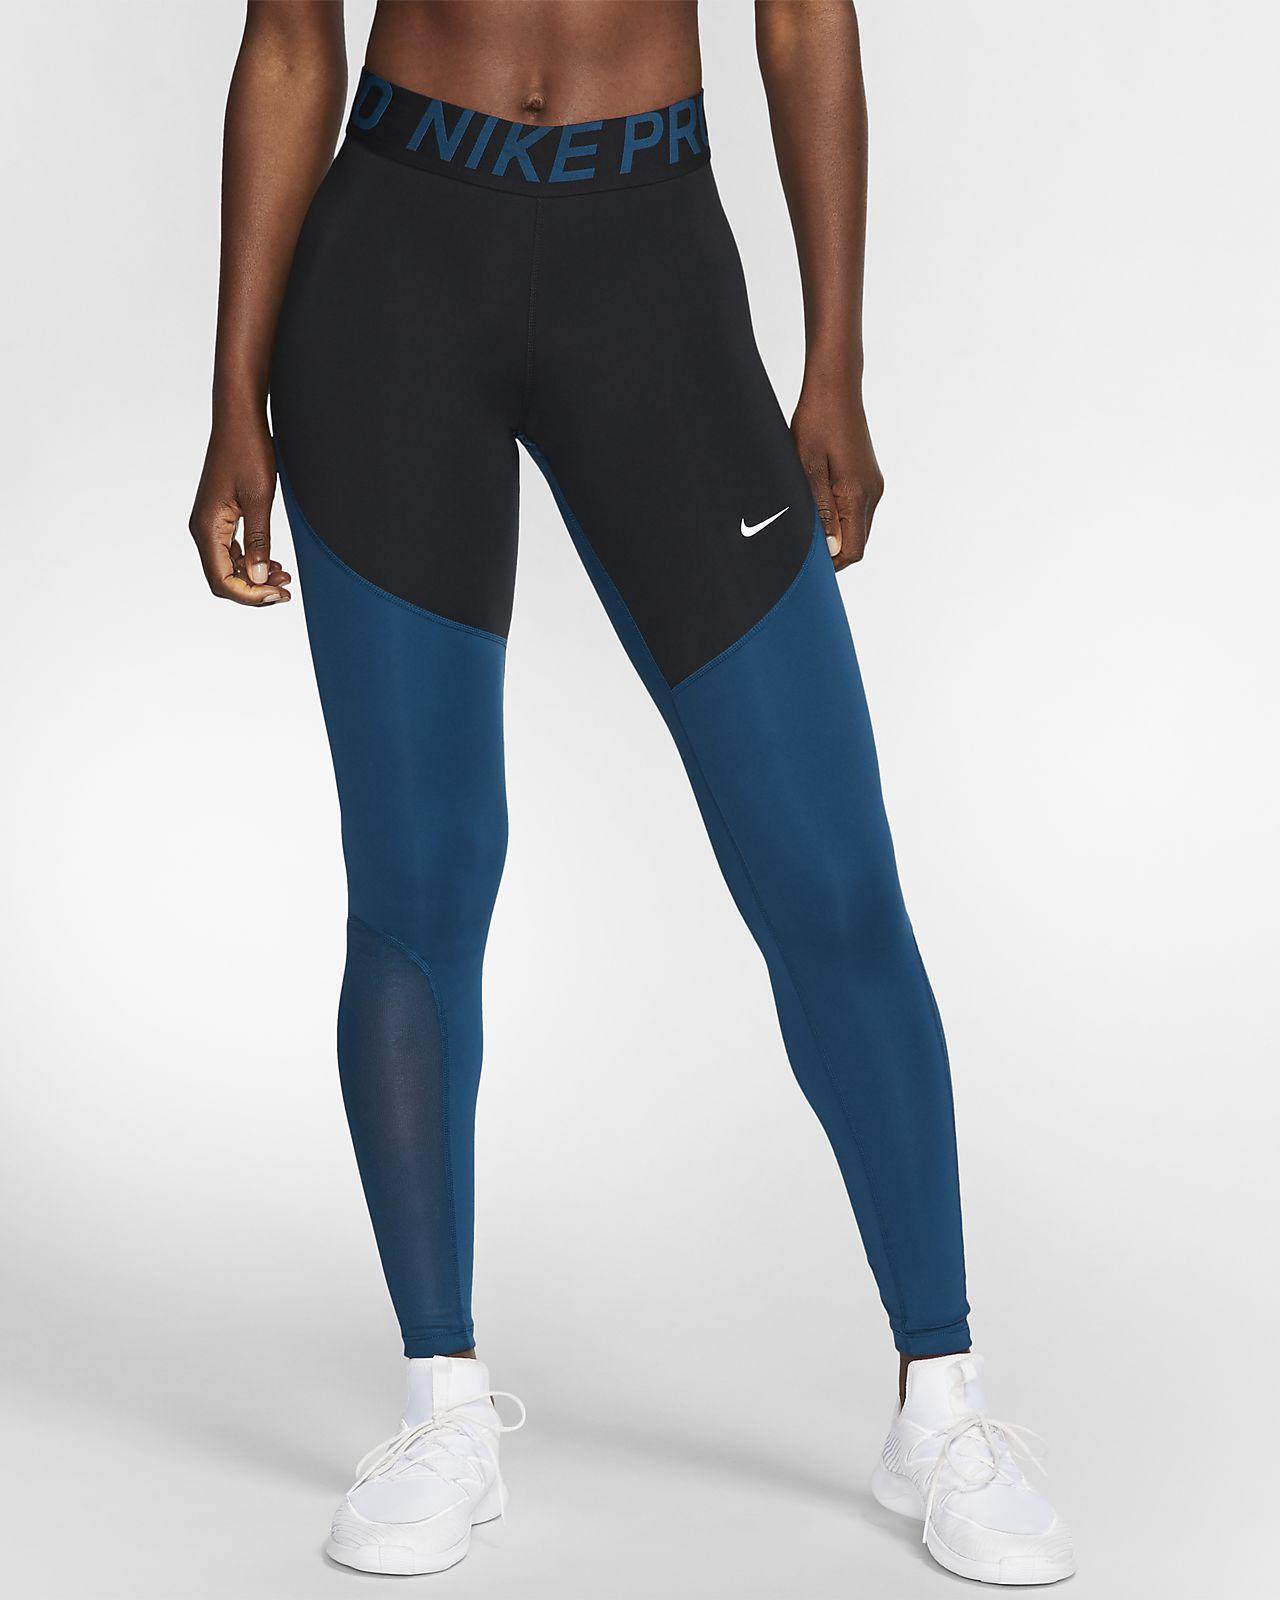 Dámské legíny Nike Pro